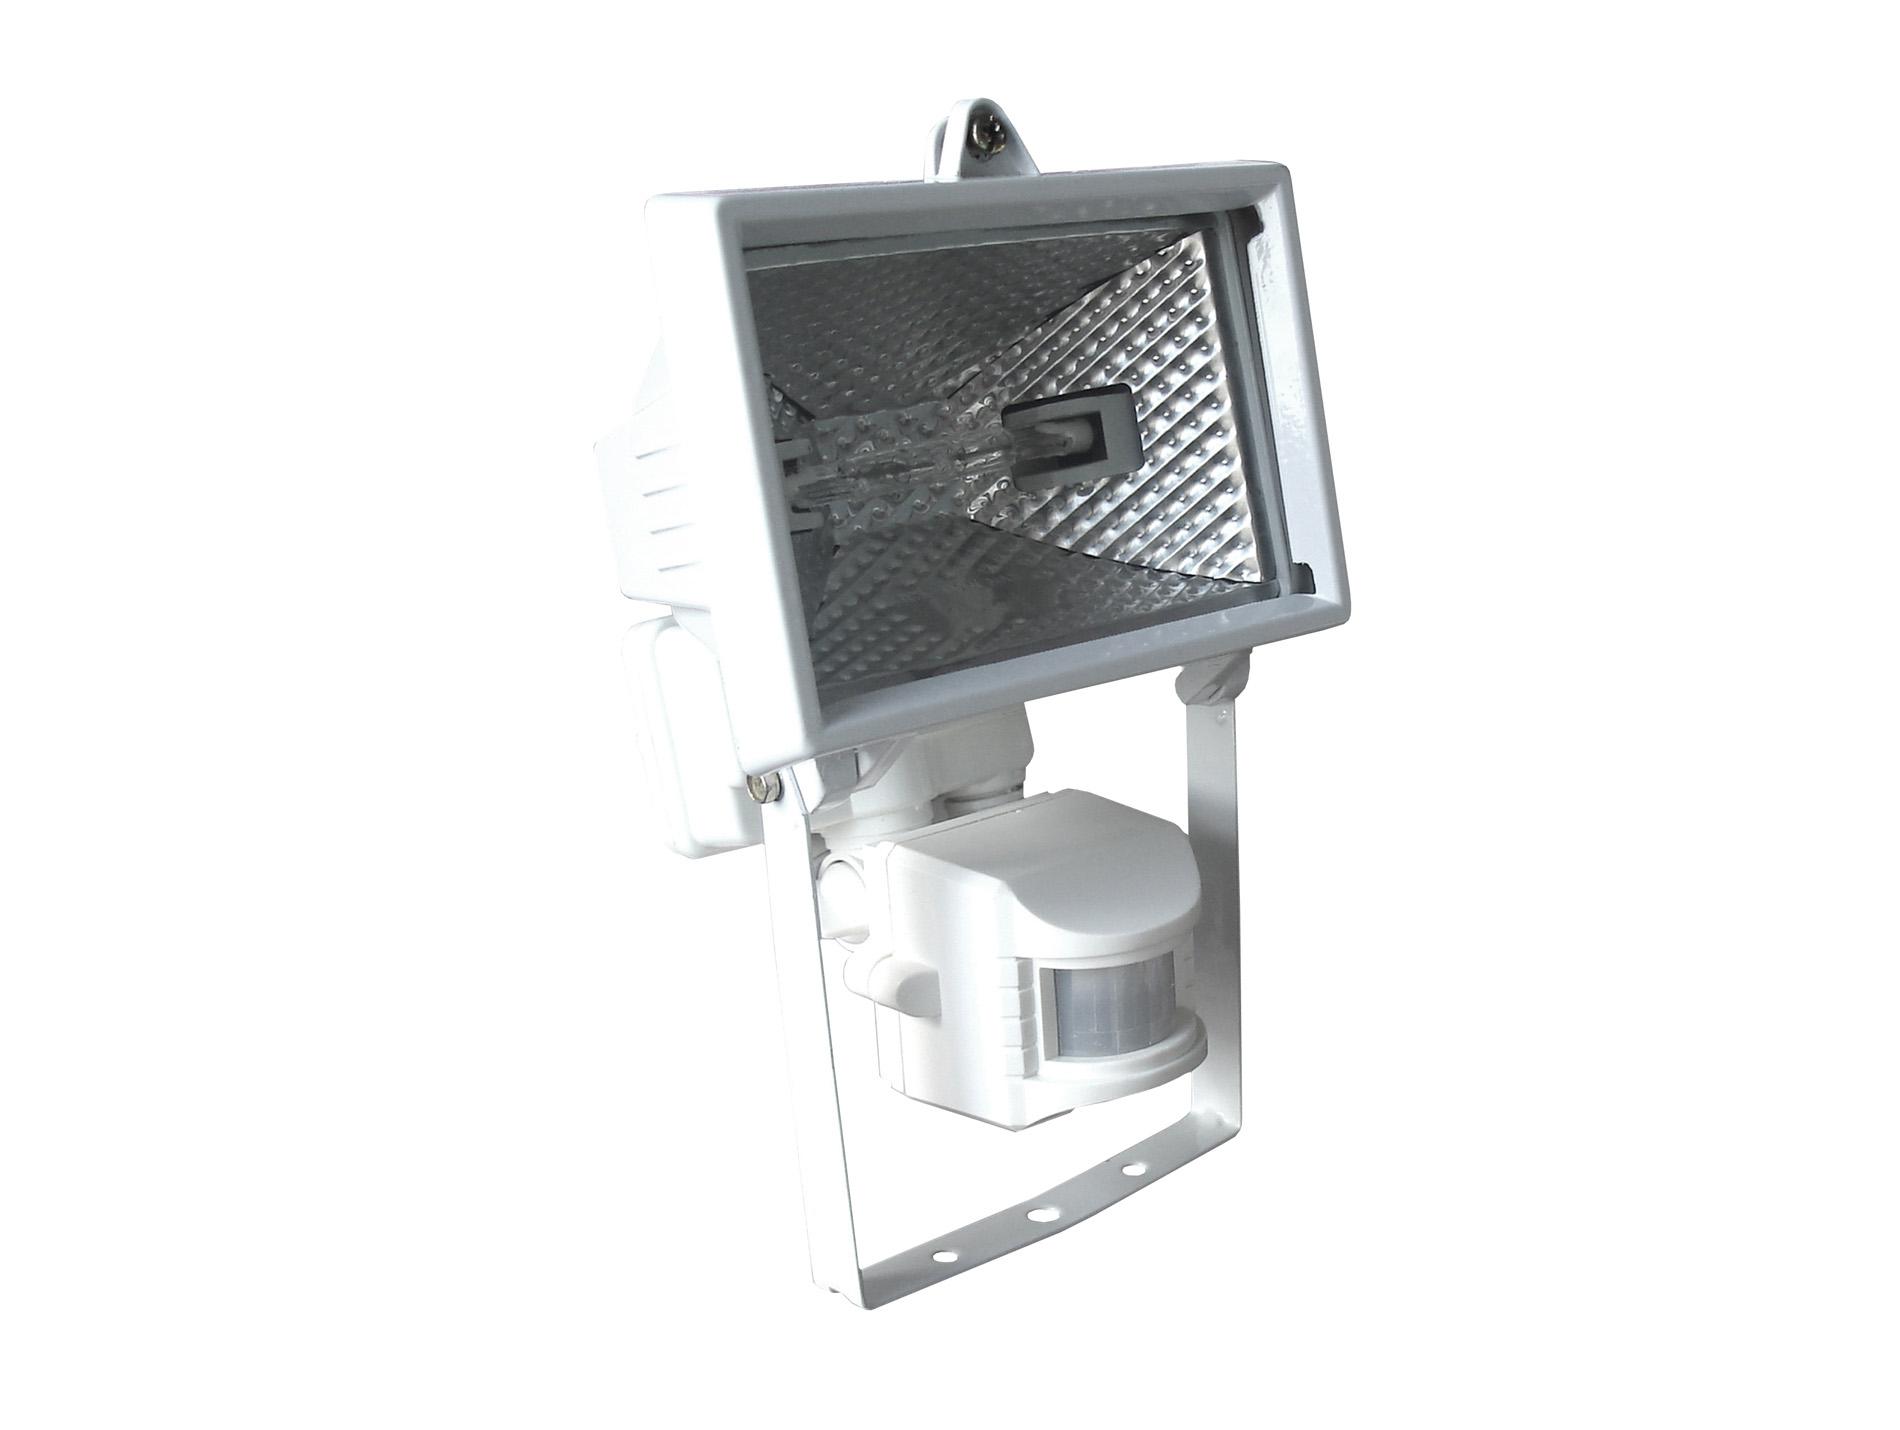 projecteur 120w avec d tecteur blanc projecteur hublot luminaire ext rieur eclairage. Black Bedroom Furniture Sets. Home Design Ideas